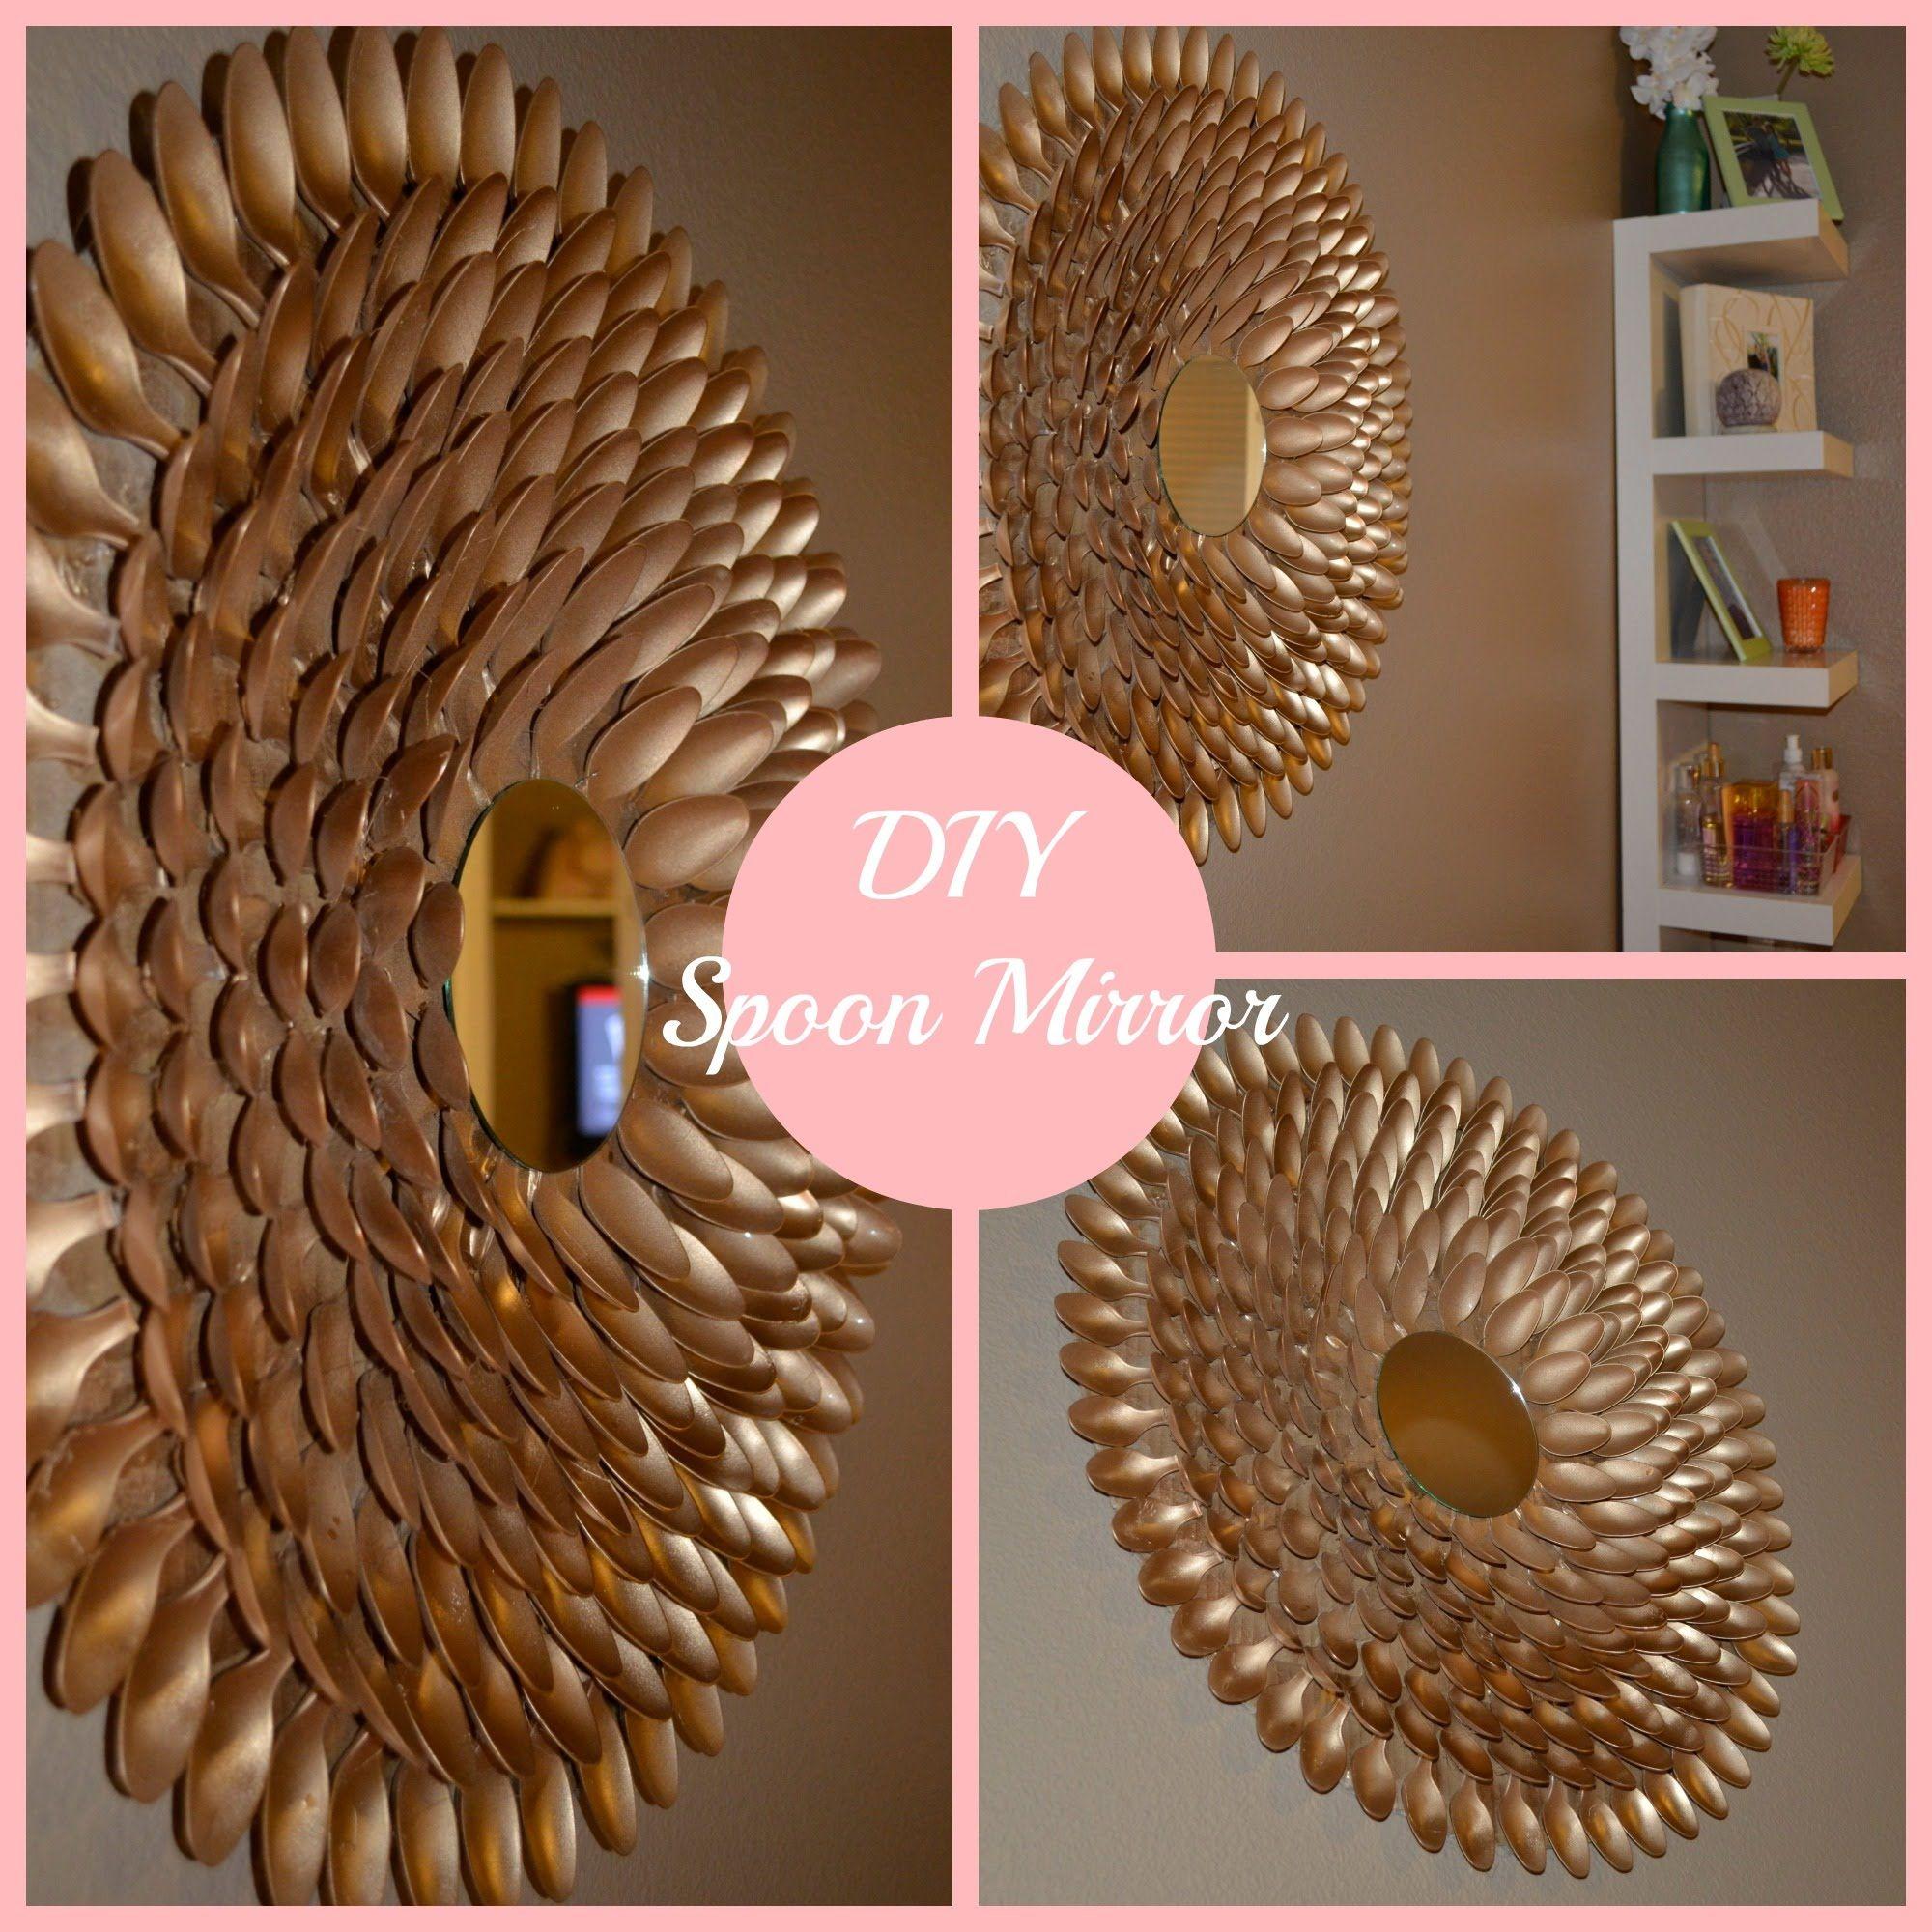 DIY Spoon Mirror Wall Decor